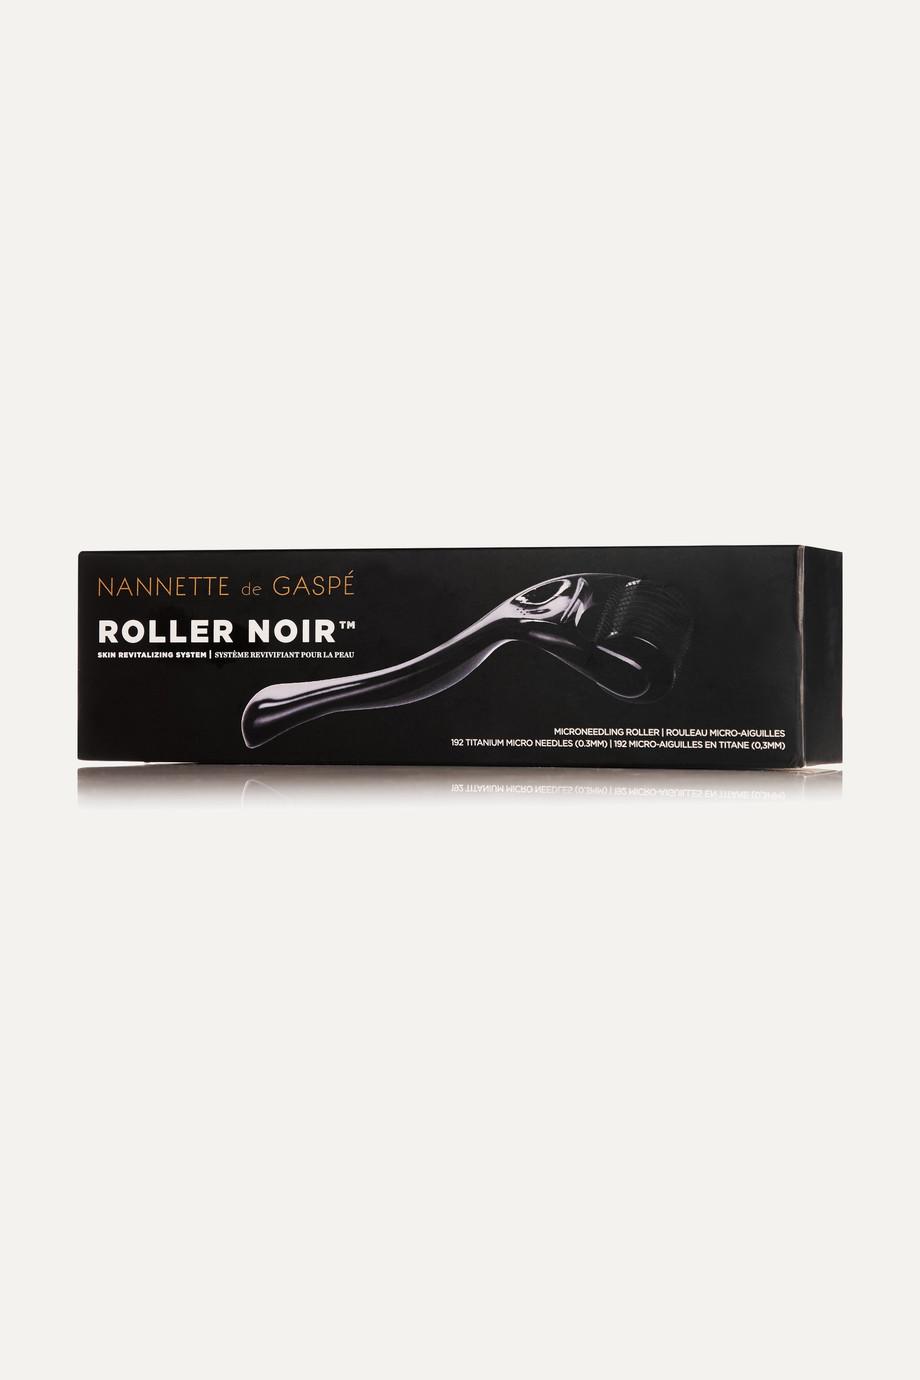 Nannette de Gaspé Art of Noir - Roller Noir